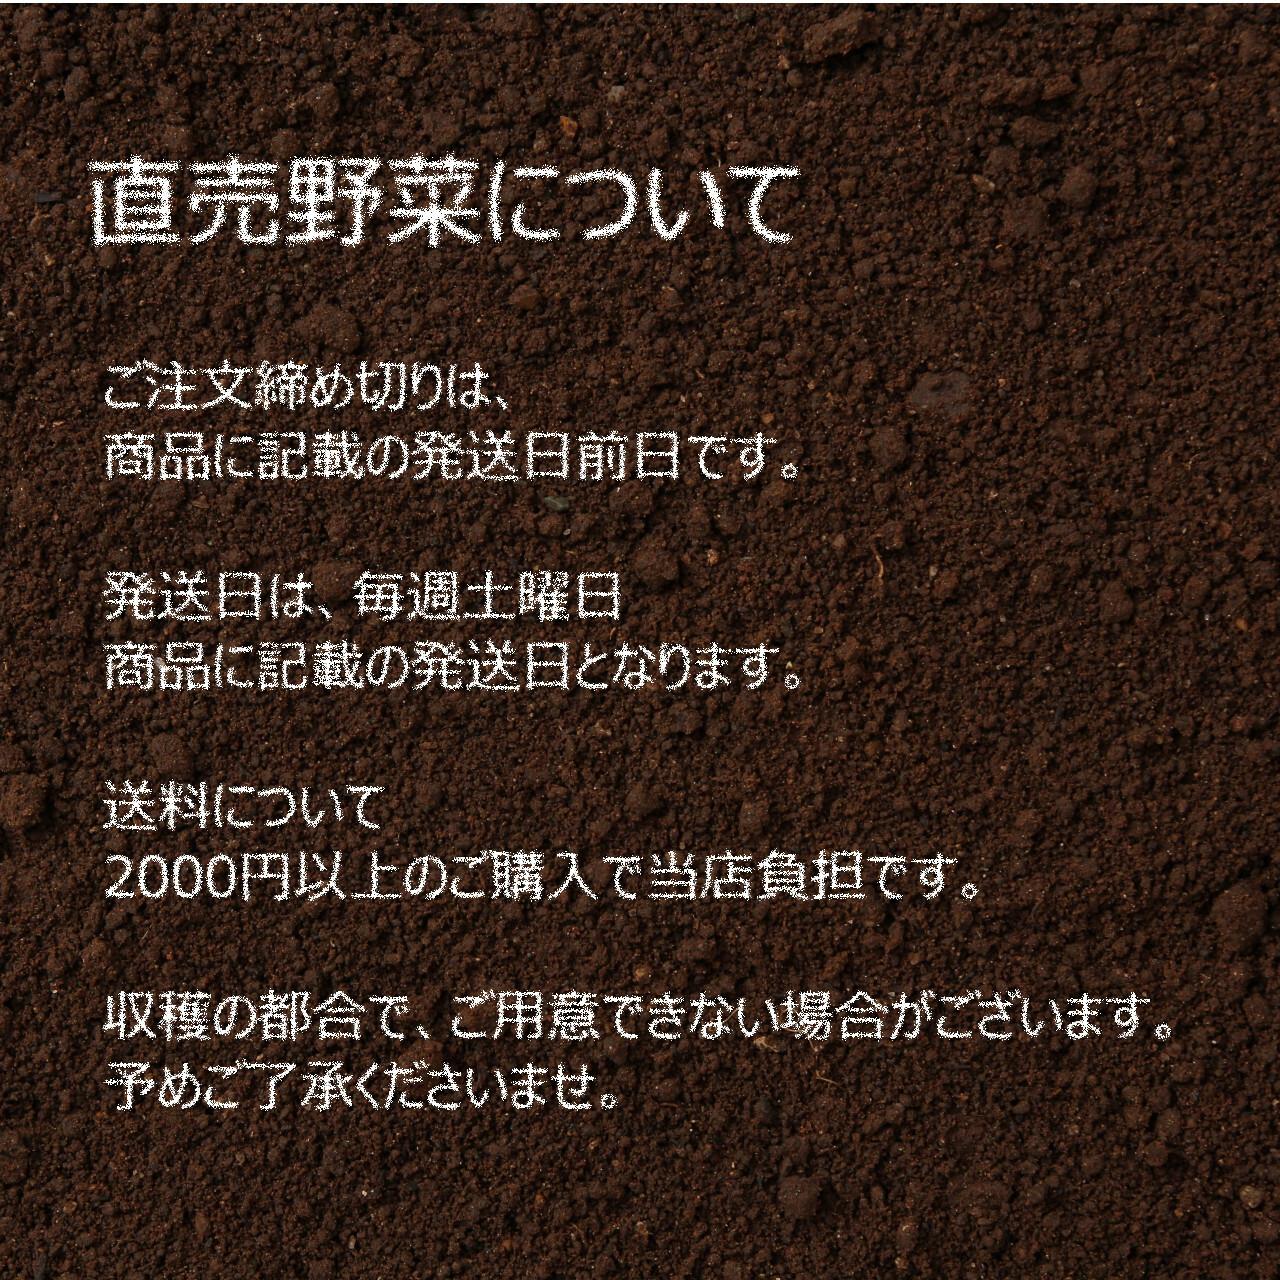 8月の朝採り直売野菜 : ミョウガ 約150g 新鮮な夏野菜 8月8日発送予定